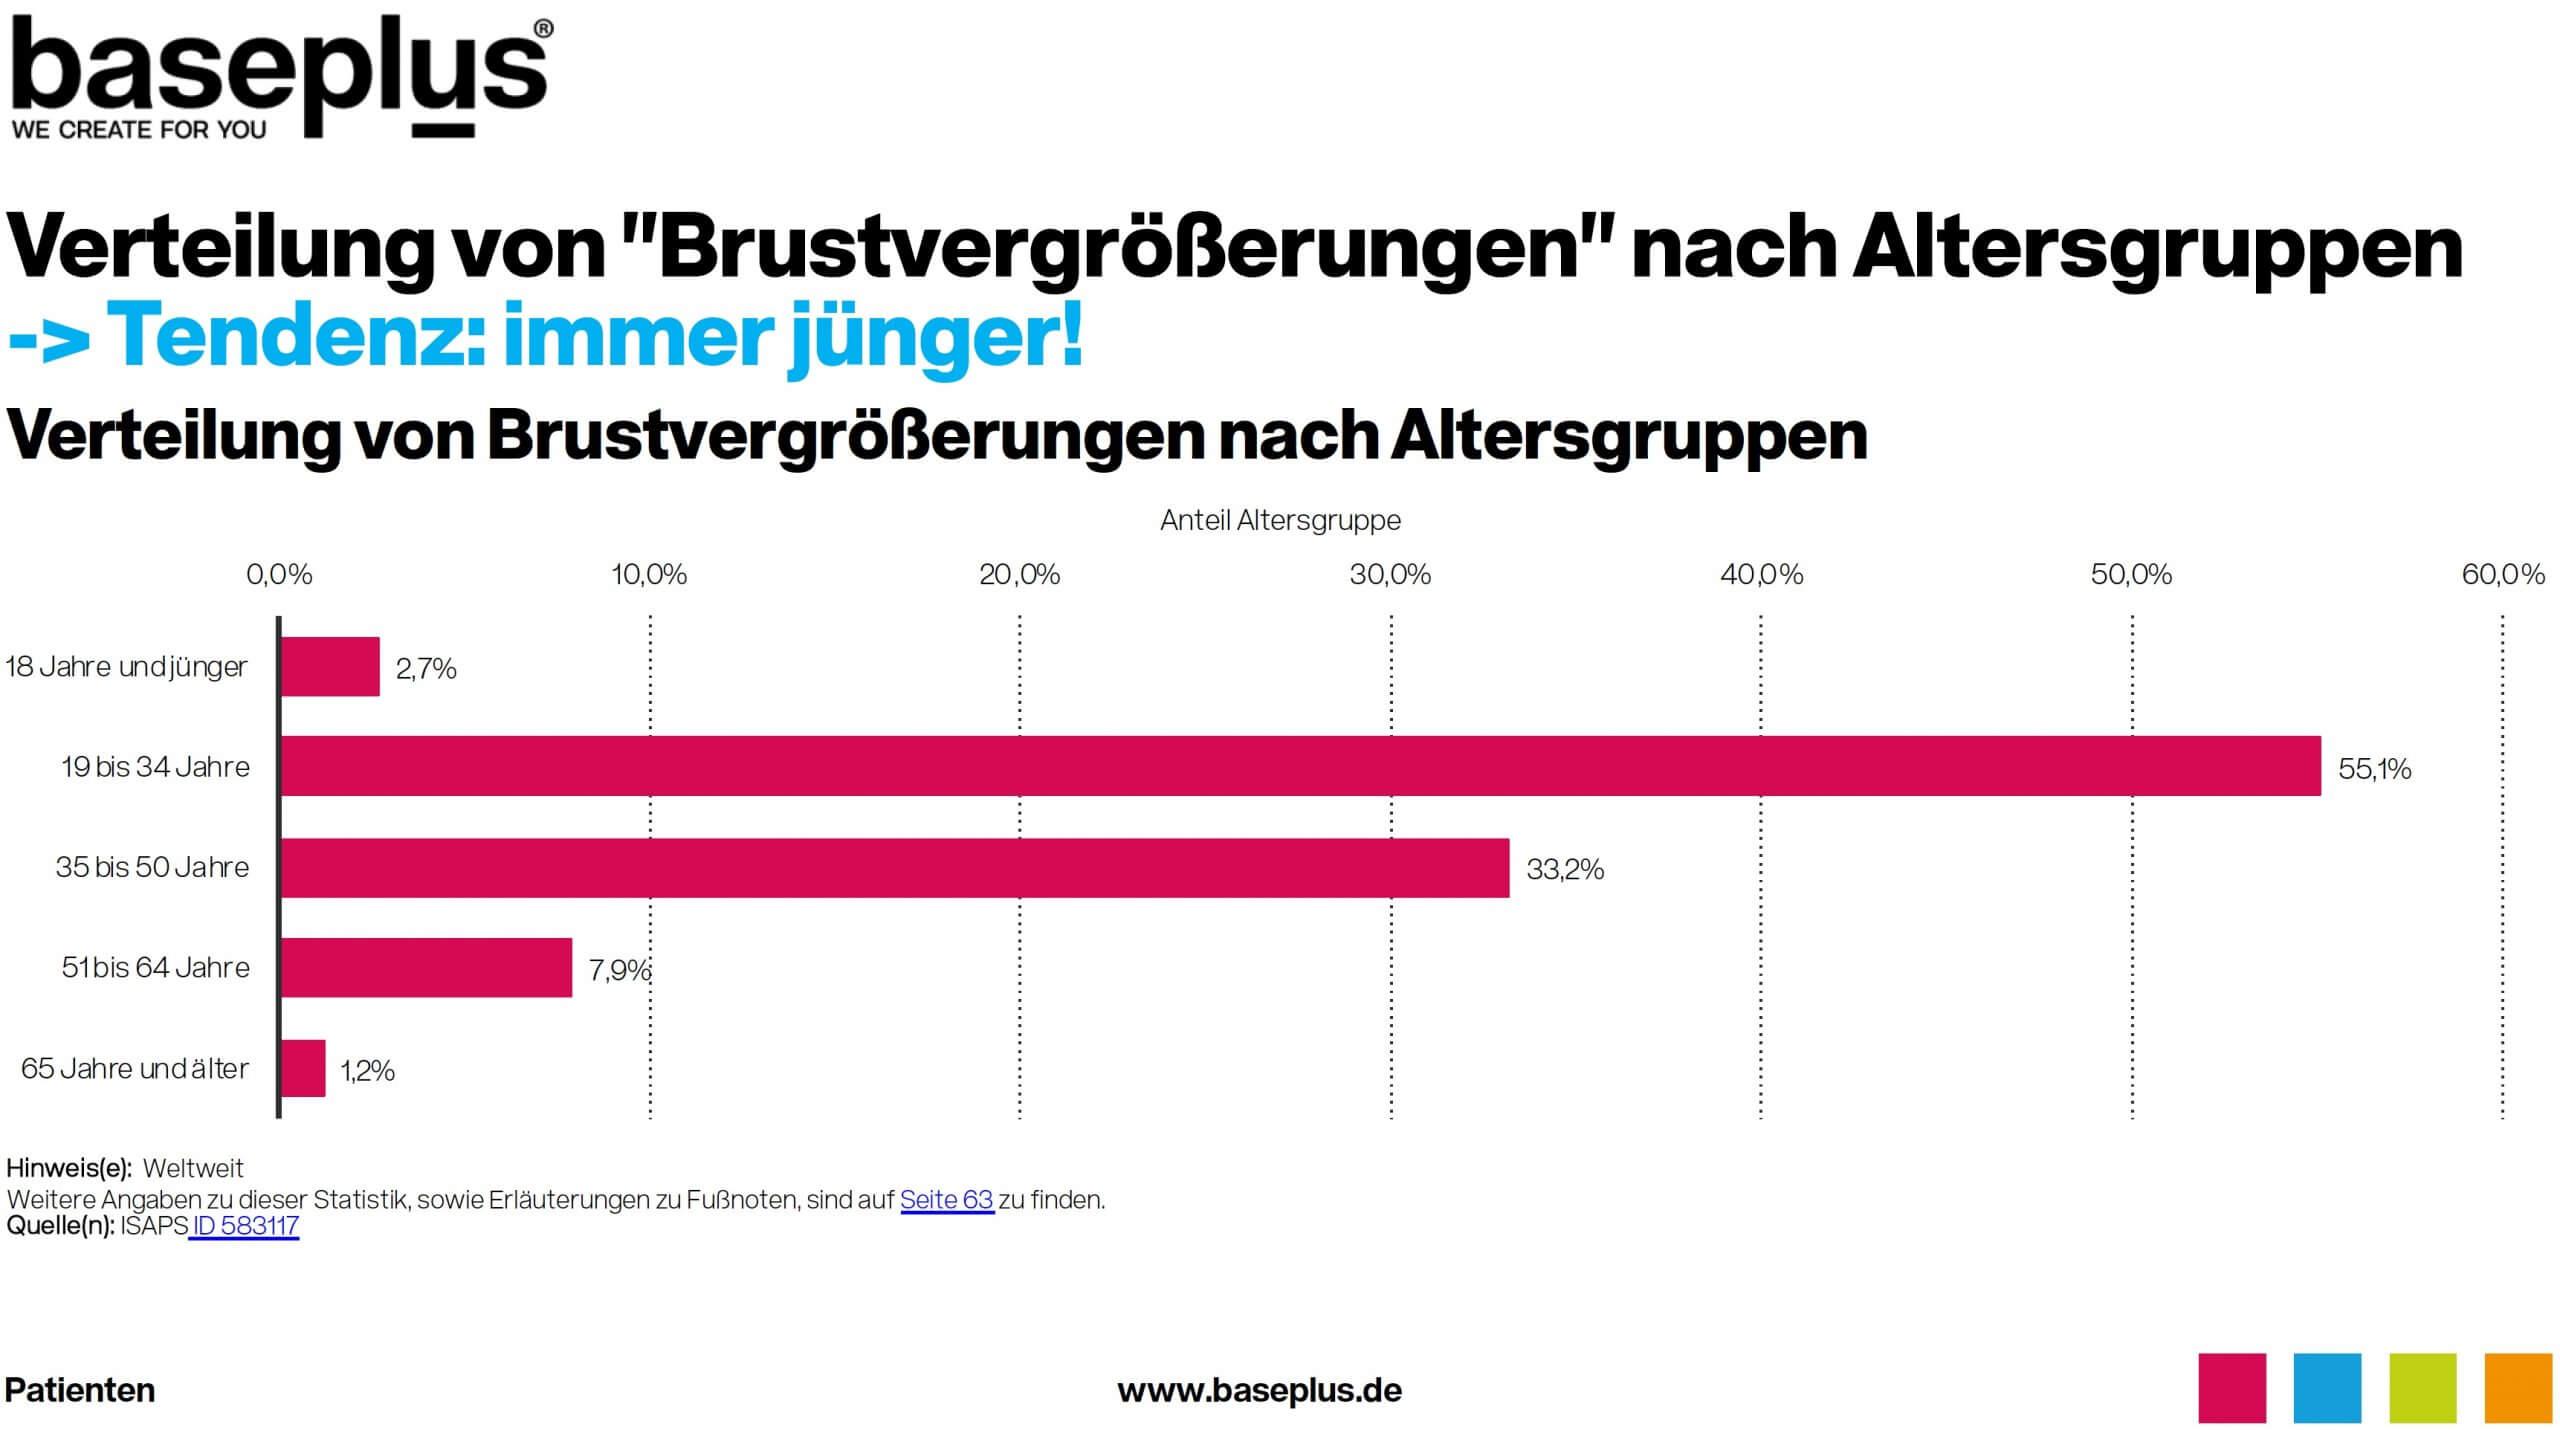 Verteilung Alter Patientinnen bei Brustvergrößerungen in Deutschland Statistik